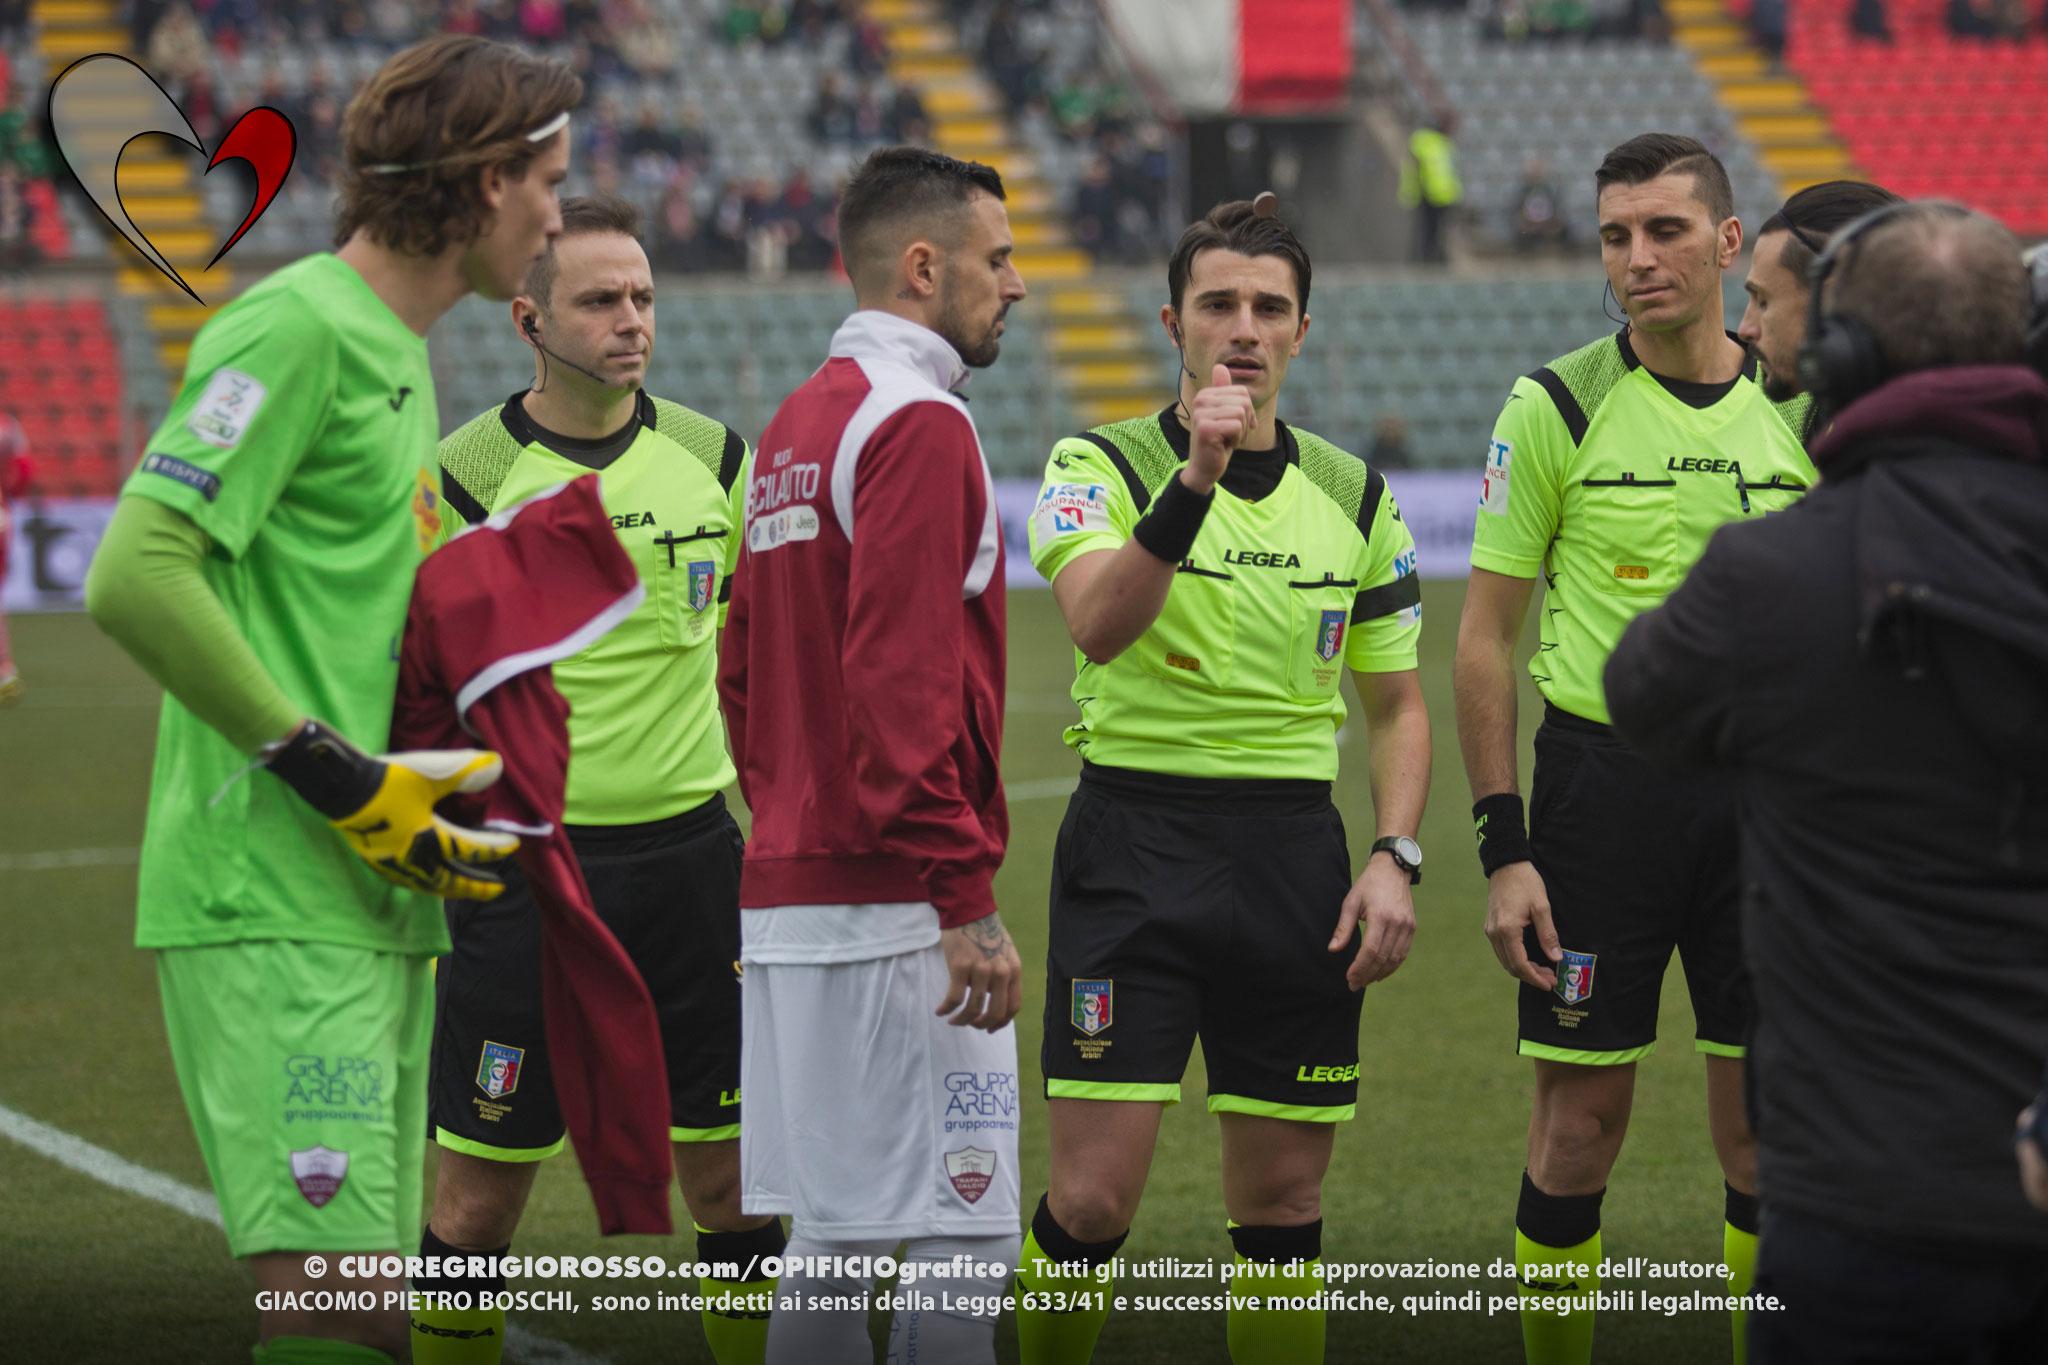 Serie B, Trapani ancora penalizzato in classifica